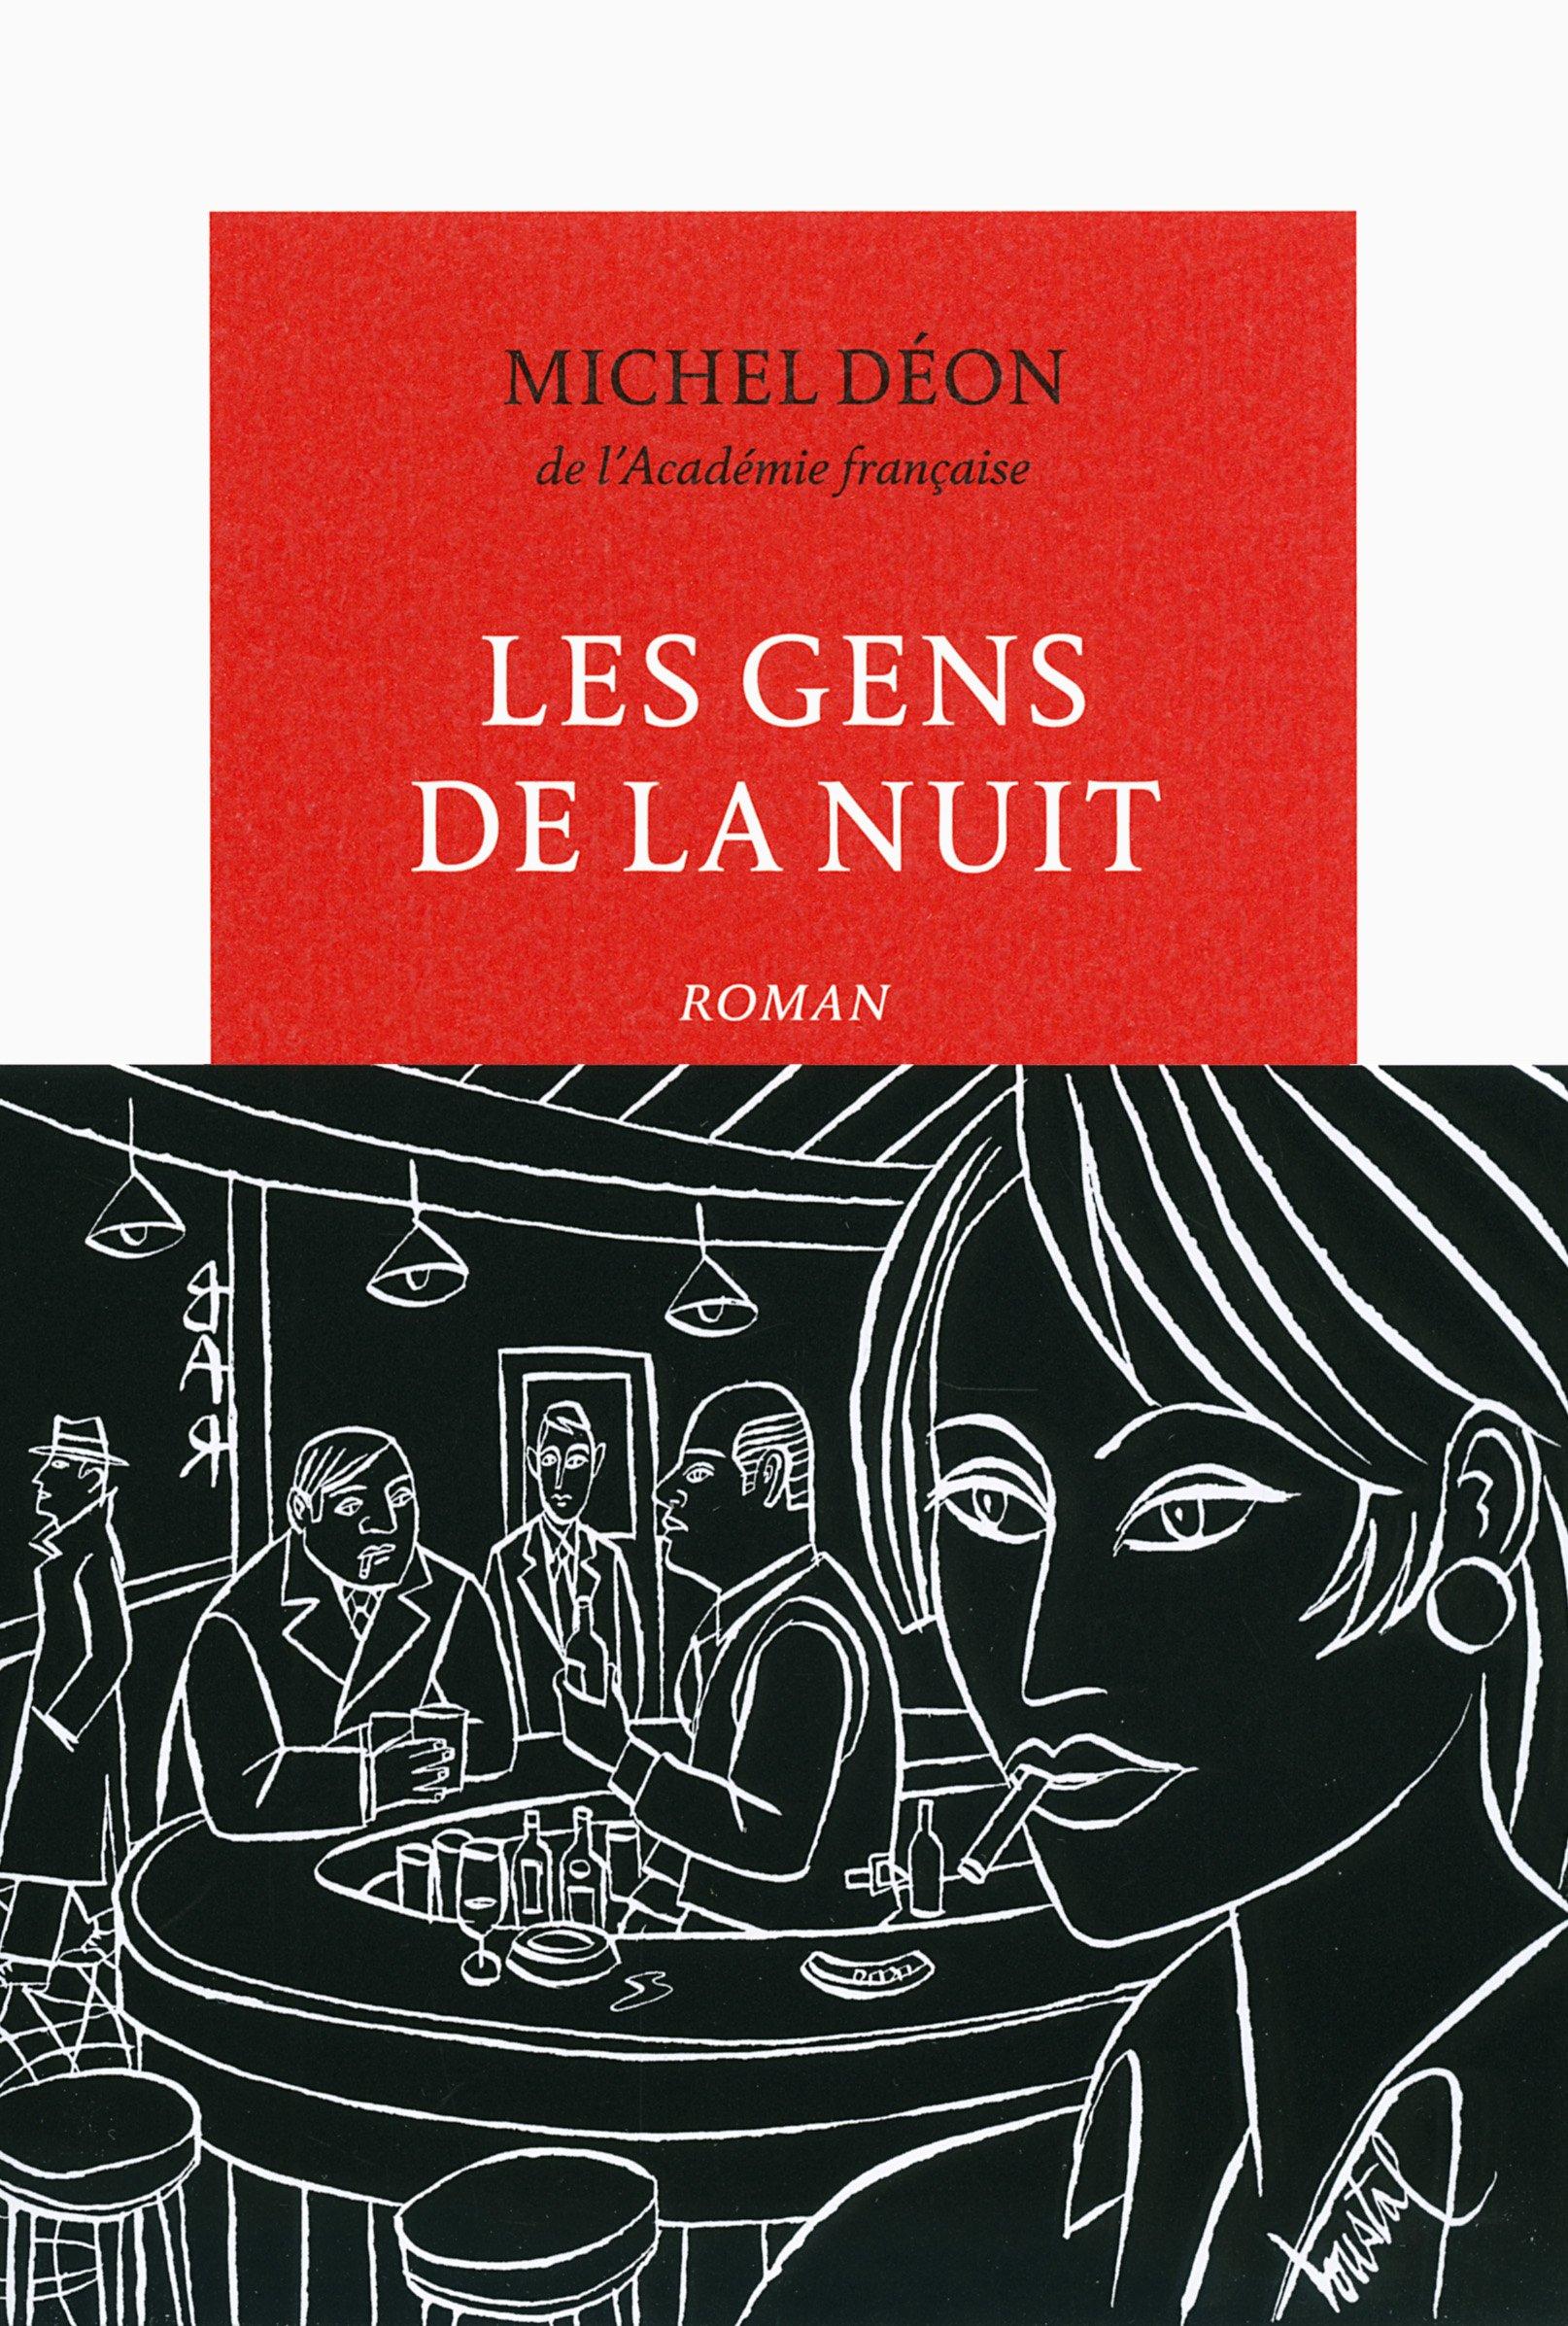 ff0cd1ed3525f Amazon.fr - Les gens de la nuit - Michel Déon - Livres